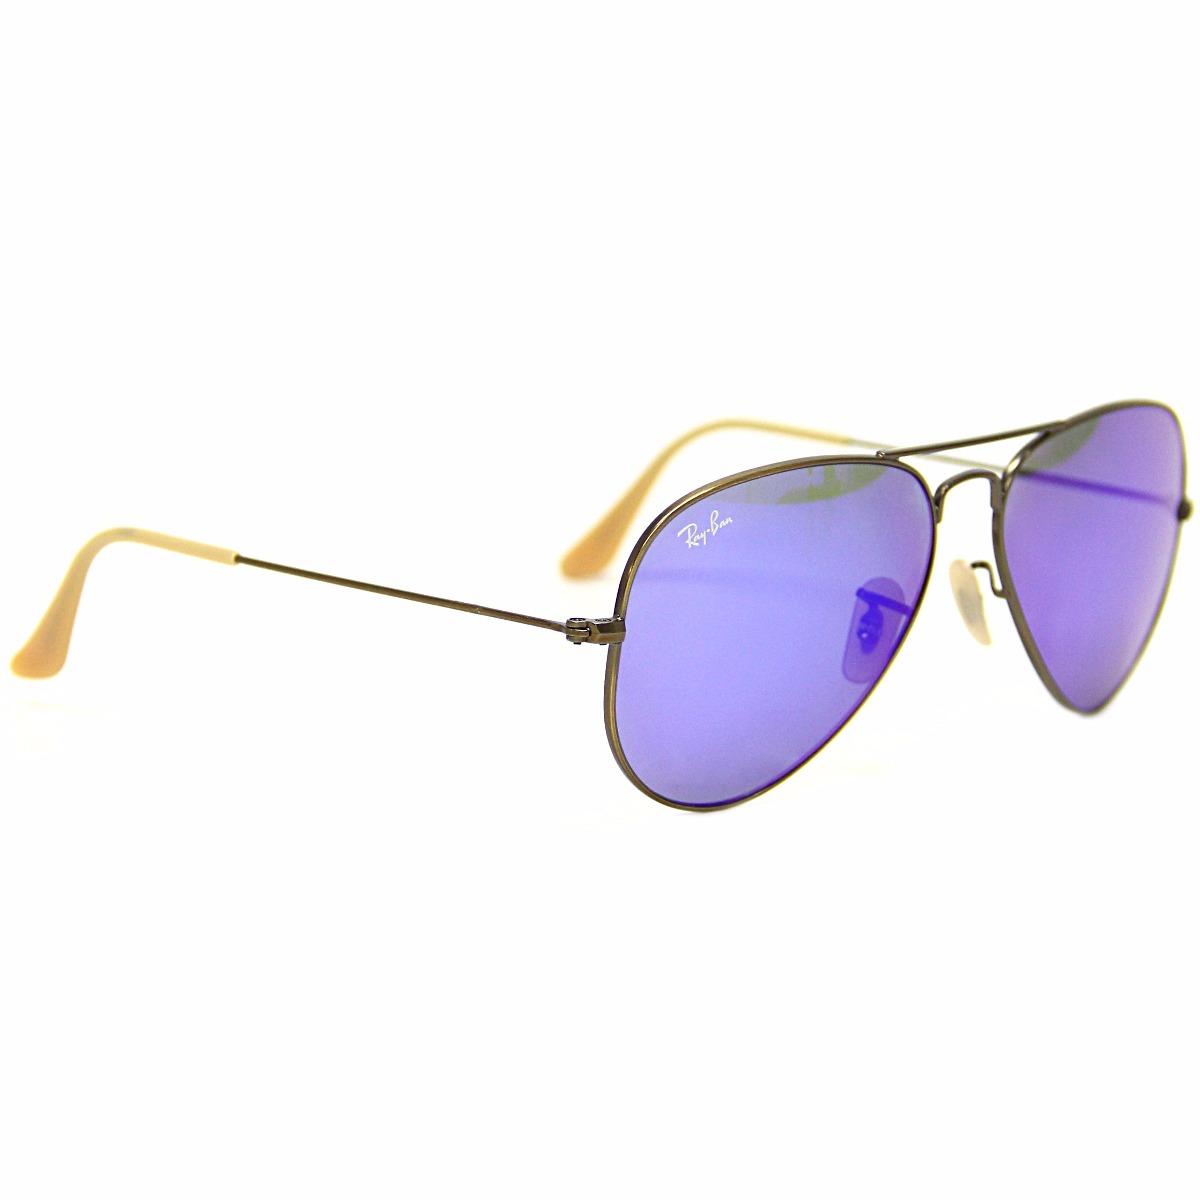 4e676903ae854 óculos de sol ray ban aviador 3025 lente roxa espelhada. Carregando zoom.